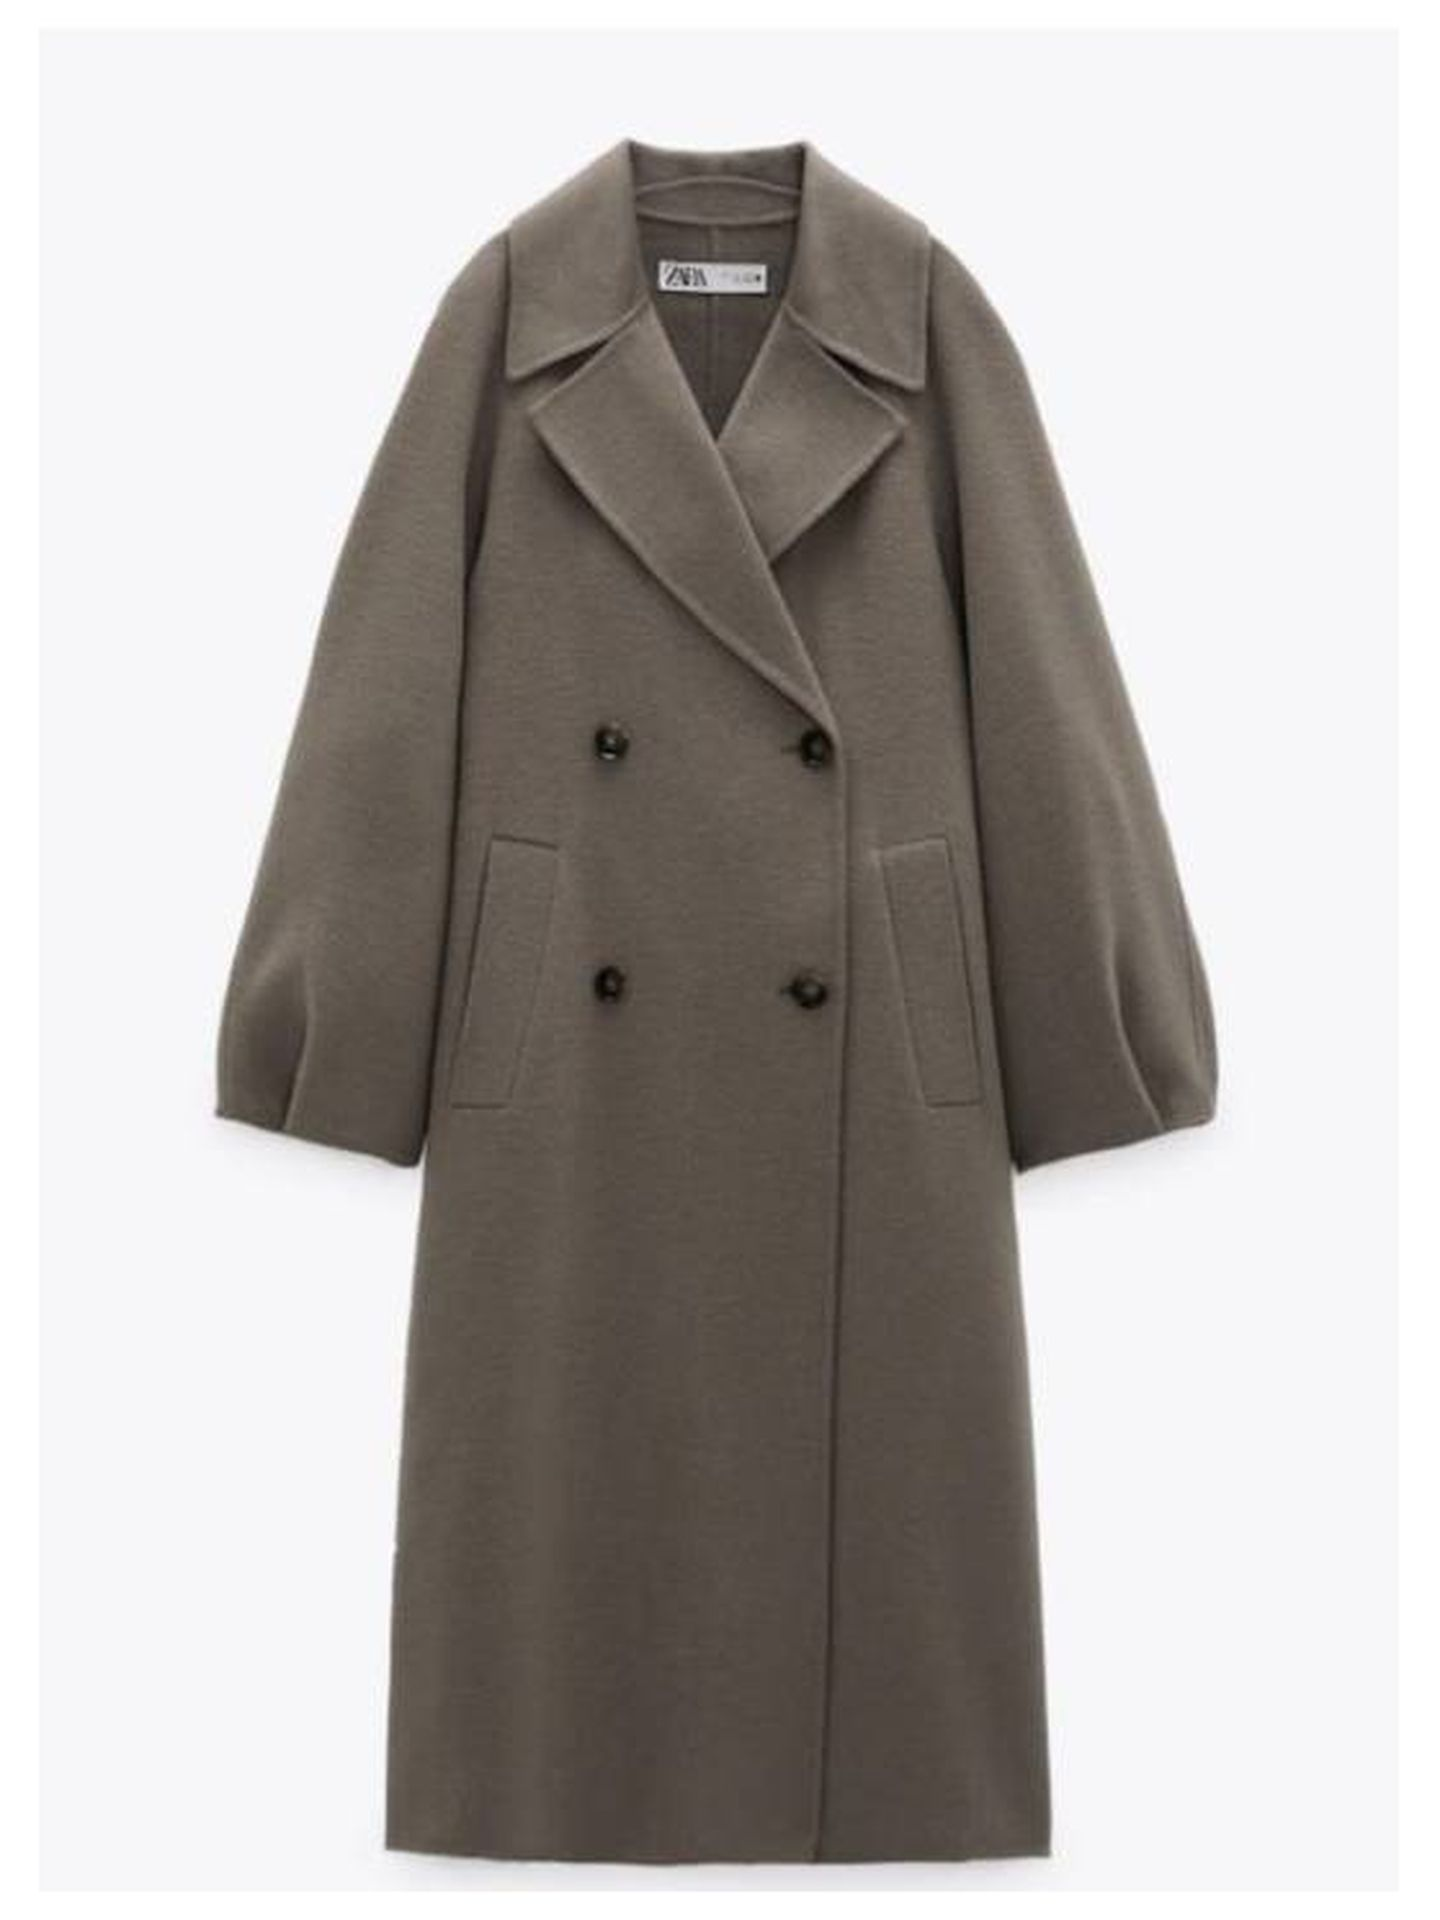 El abrigo de Zara que tiene Amelia Bono. (Cortesía)